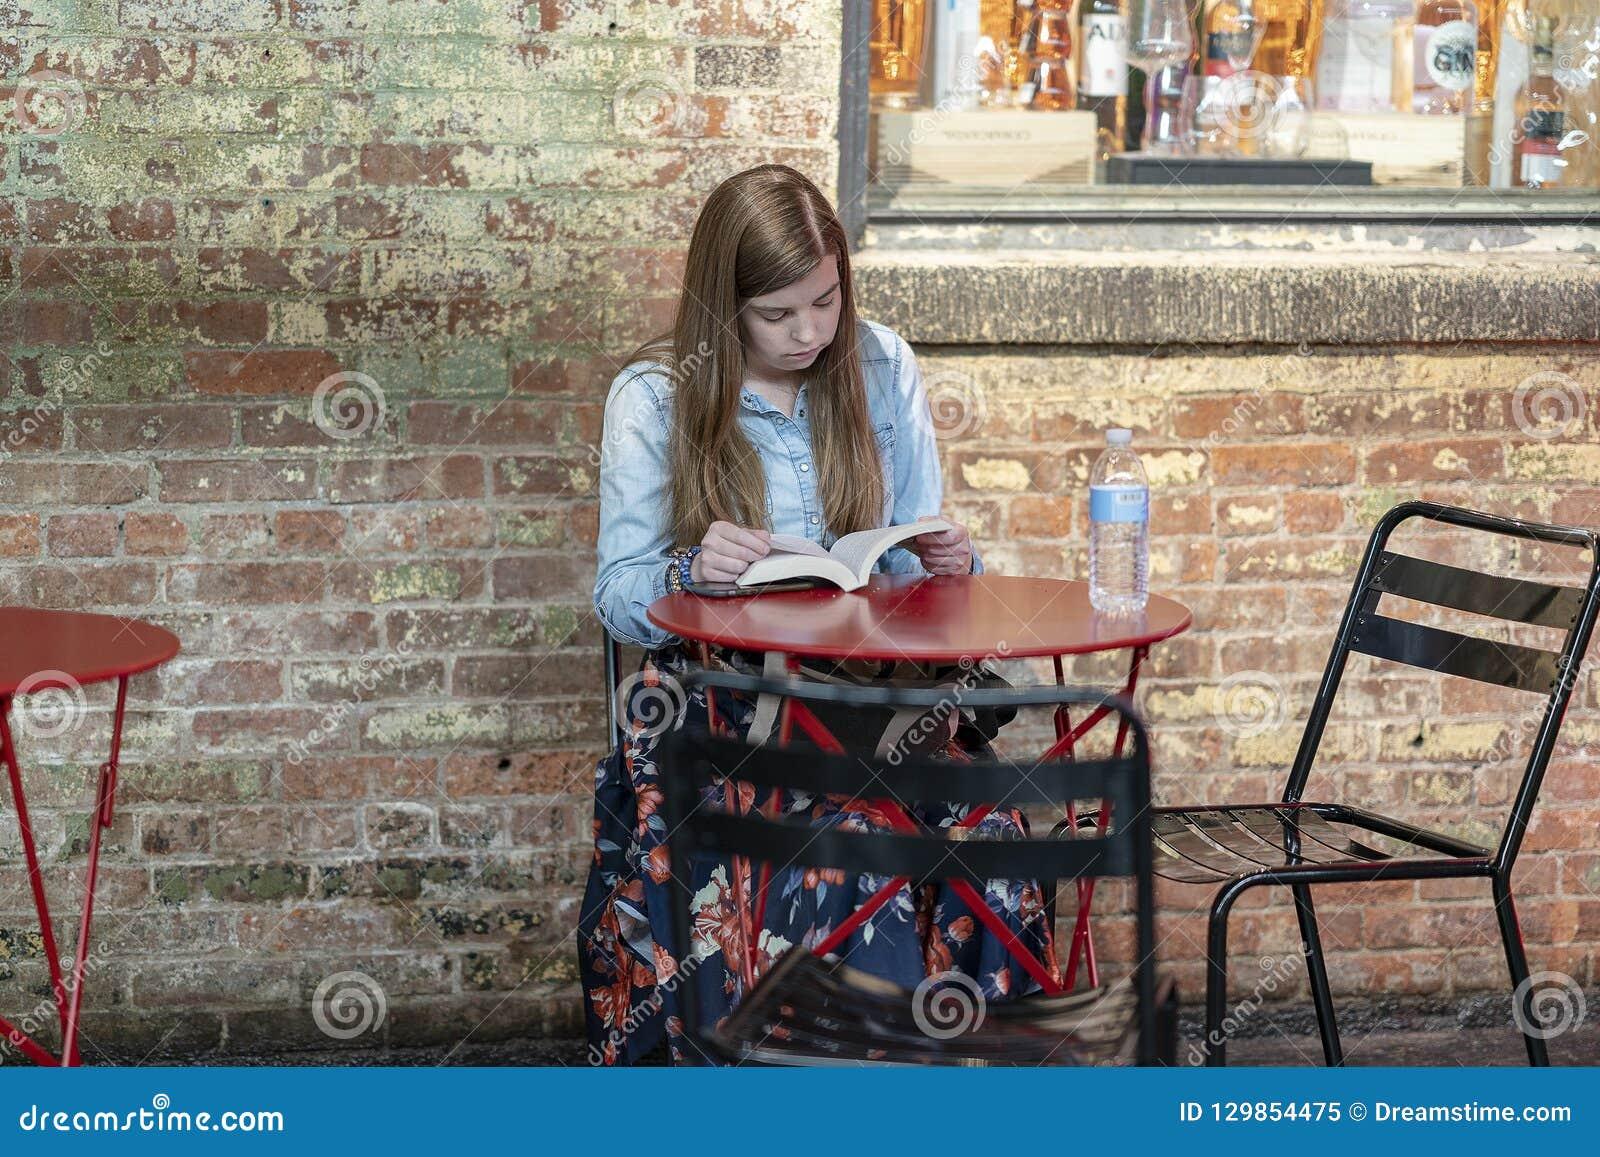 MARCHÉ de CHELSEA, NEW YORK CITY, Etats-Unis - 21 juillet 2018 : Livre de lecture de jeune fille en café